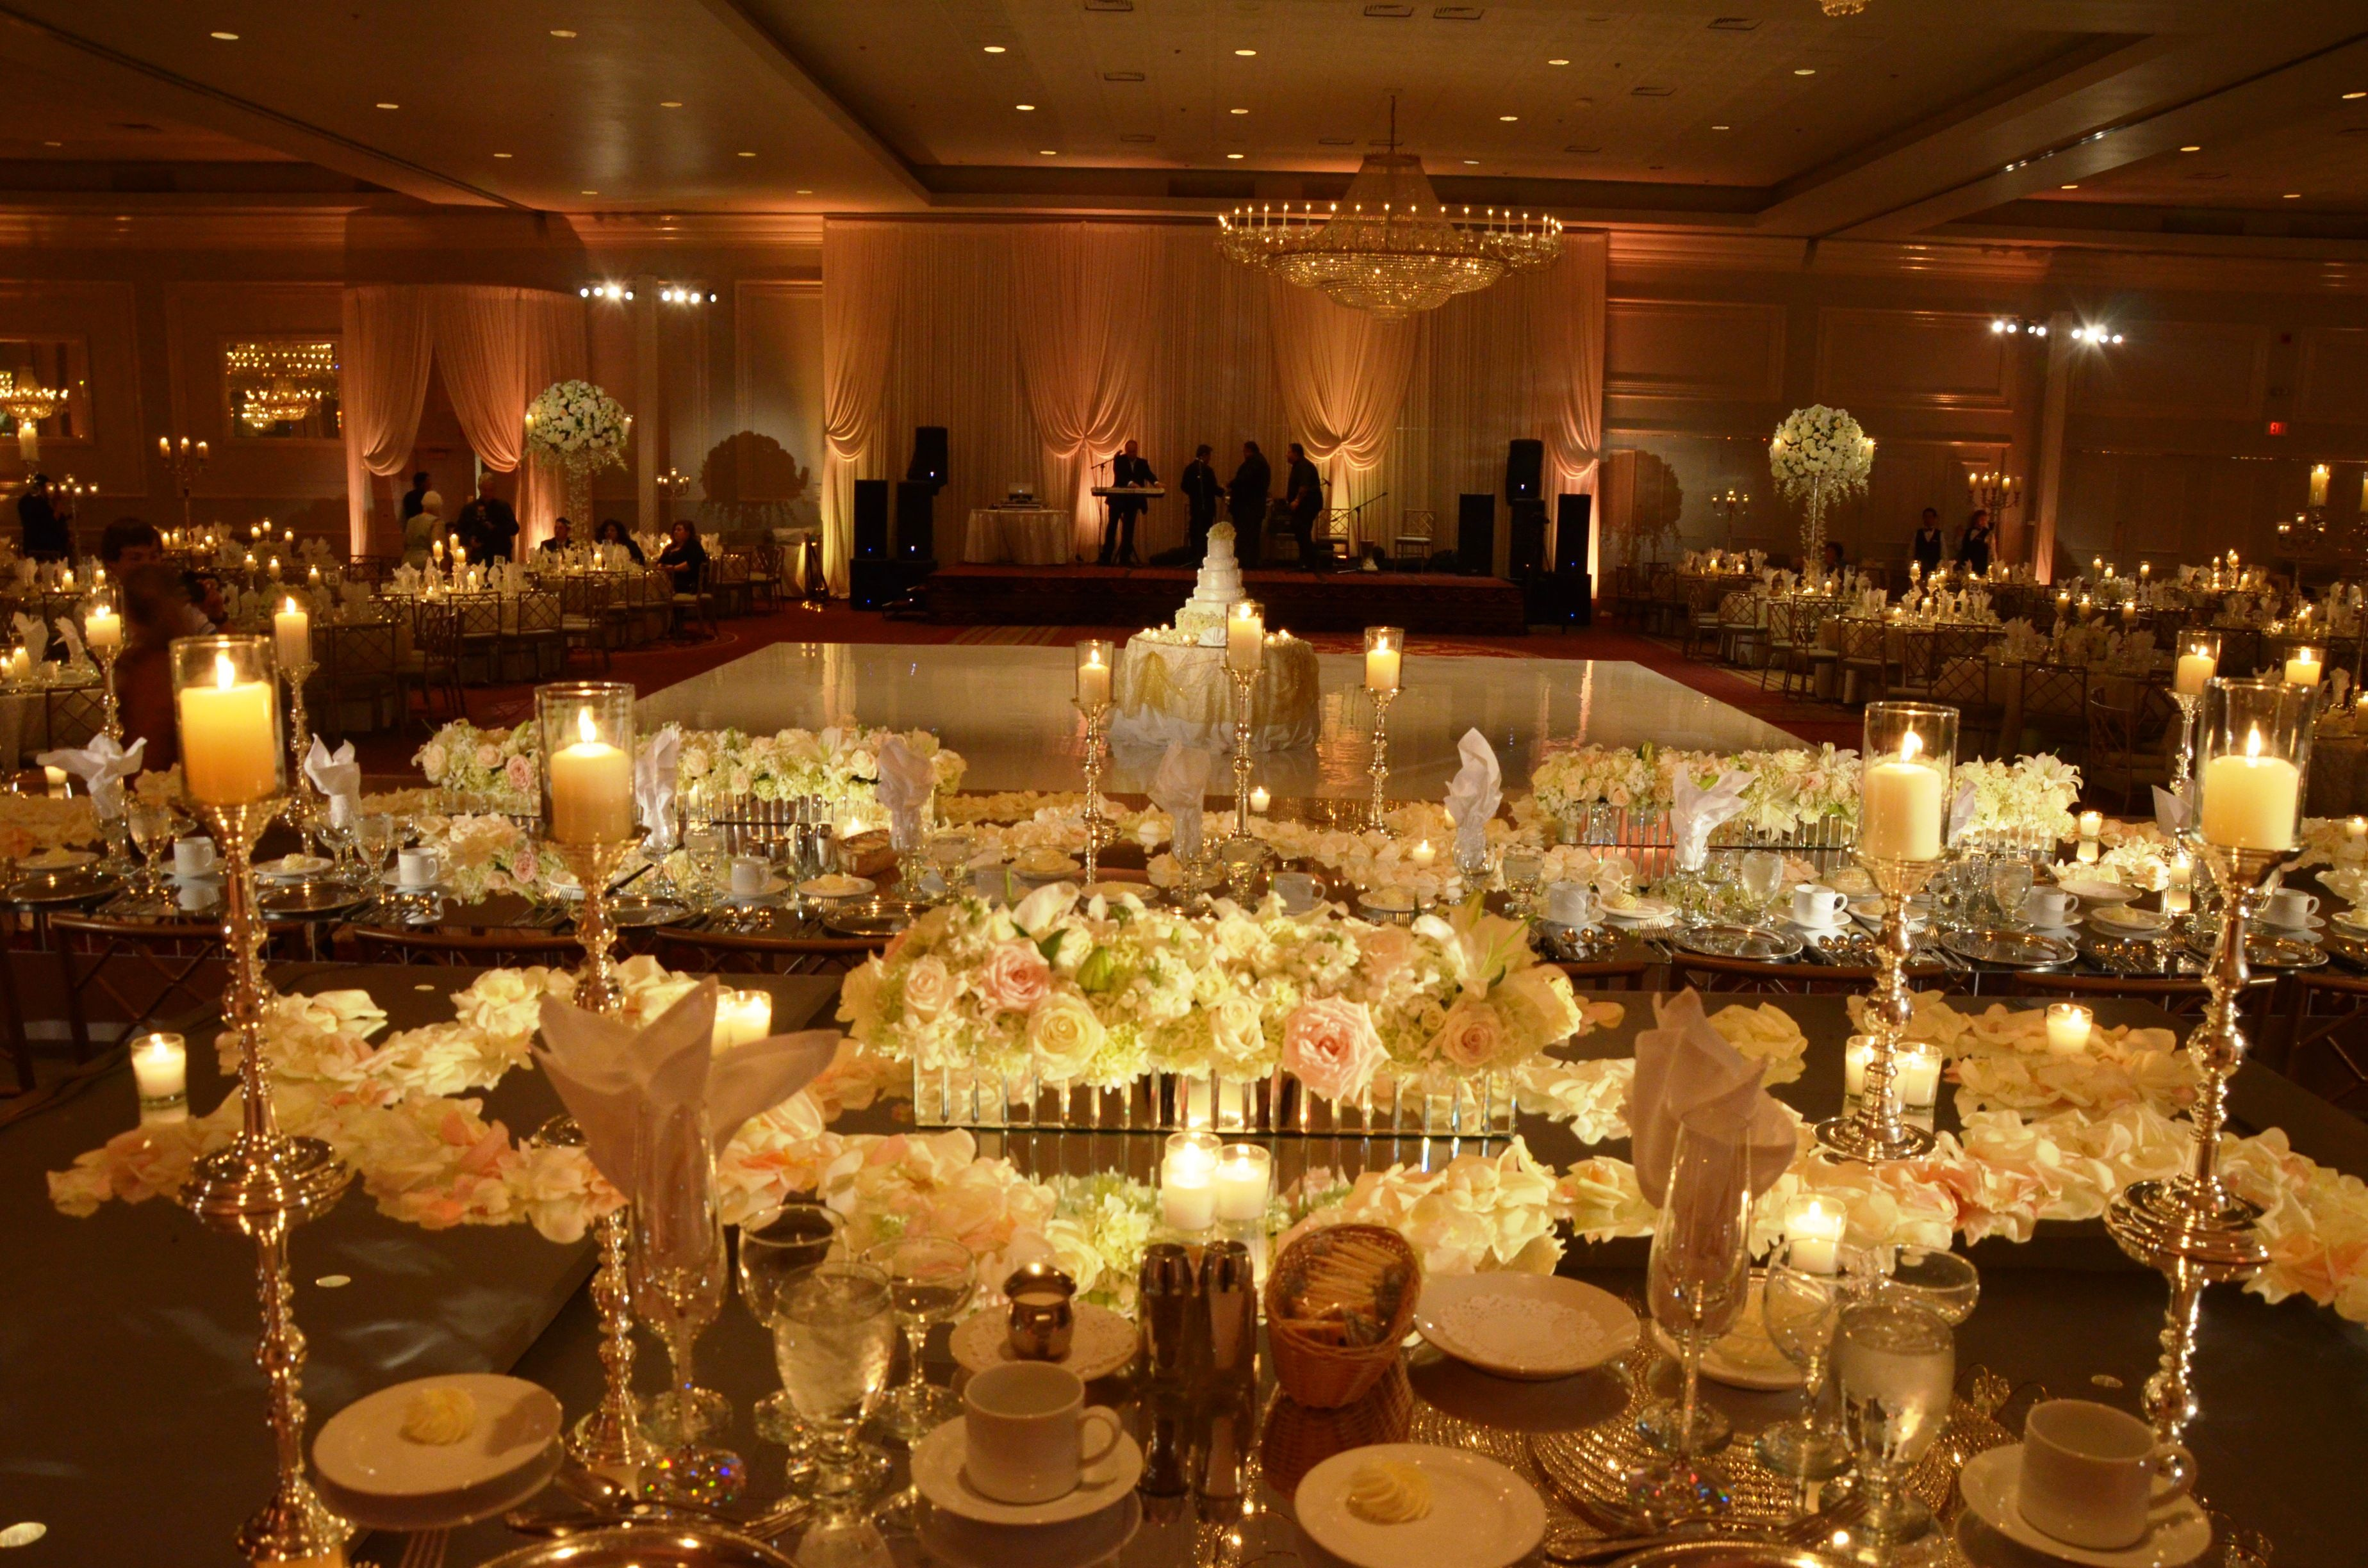 Unforgettable Garden Wedding Decor: Unforgettable Head Table Decor Filled With Fresh Flowers